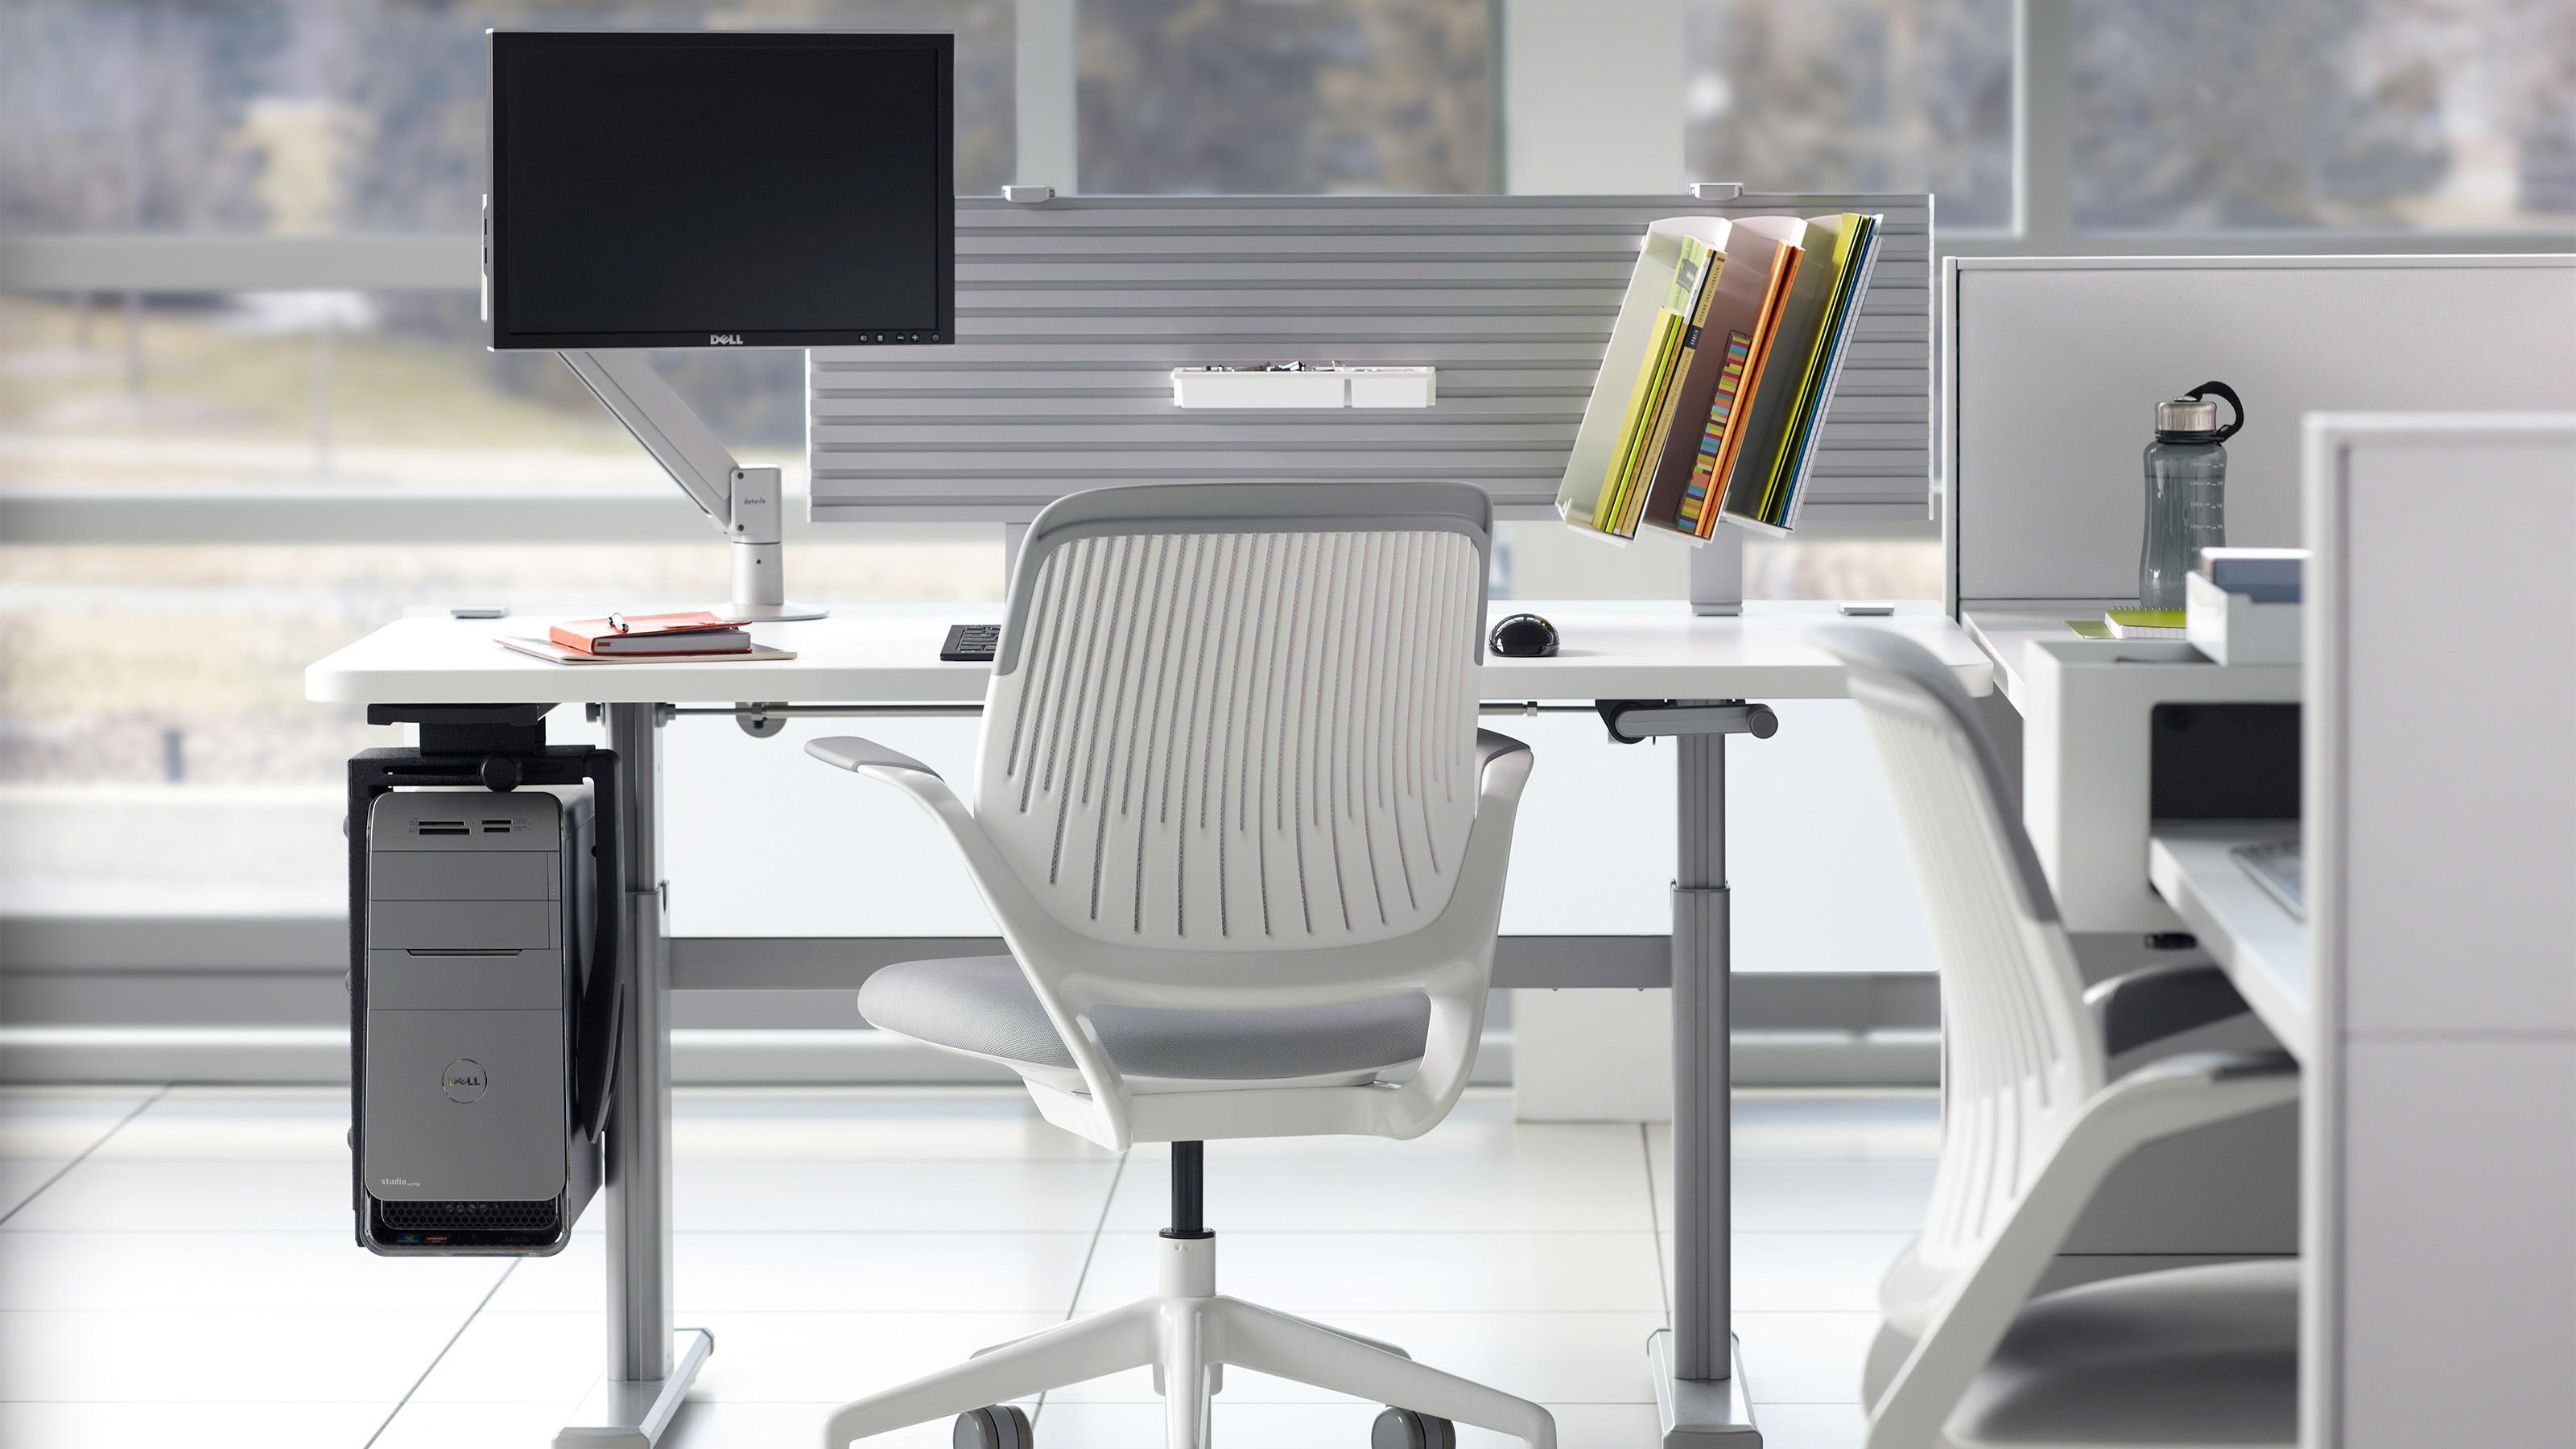 Series 3 Ergonomic Adjustable Work Tables